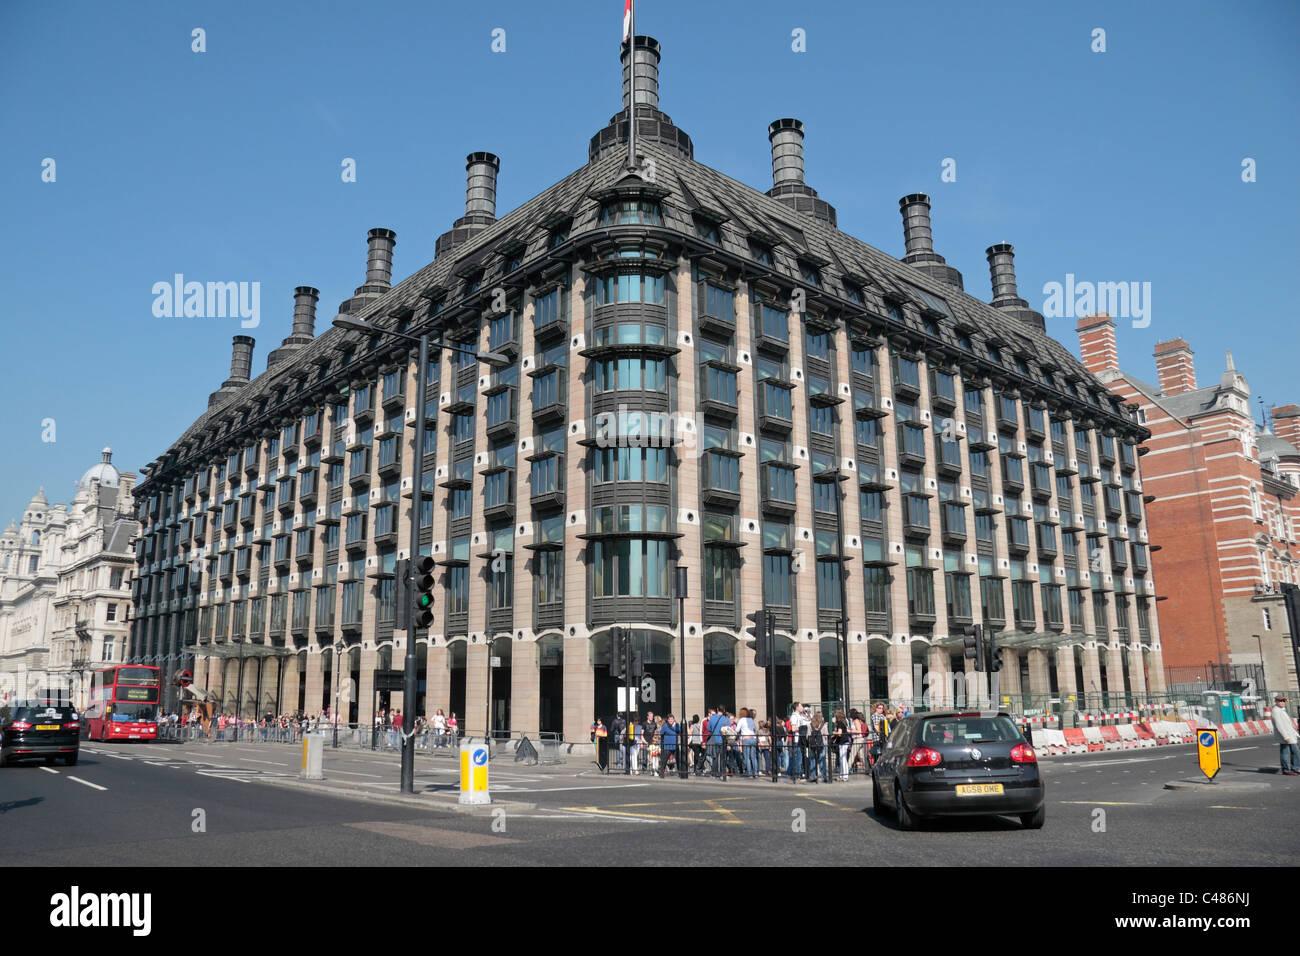 Portcullis House, el hogar de un tercio de los miembros del Parlamento Británico (frente a las Casas del Parlamento de Londres. Foto de stock